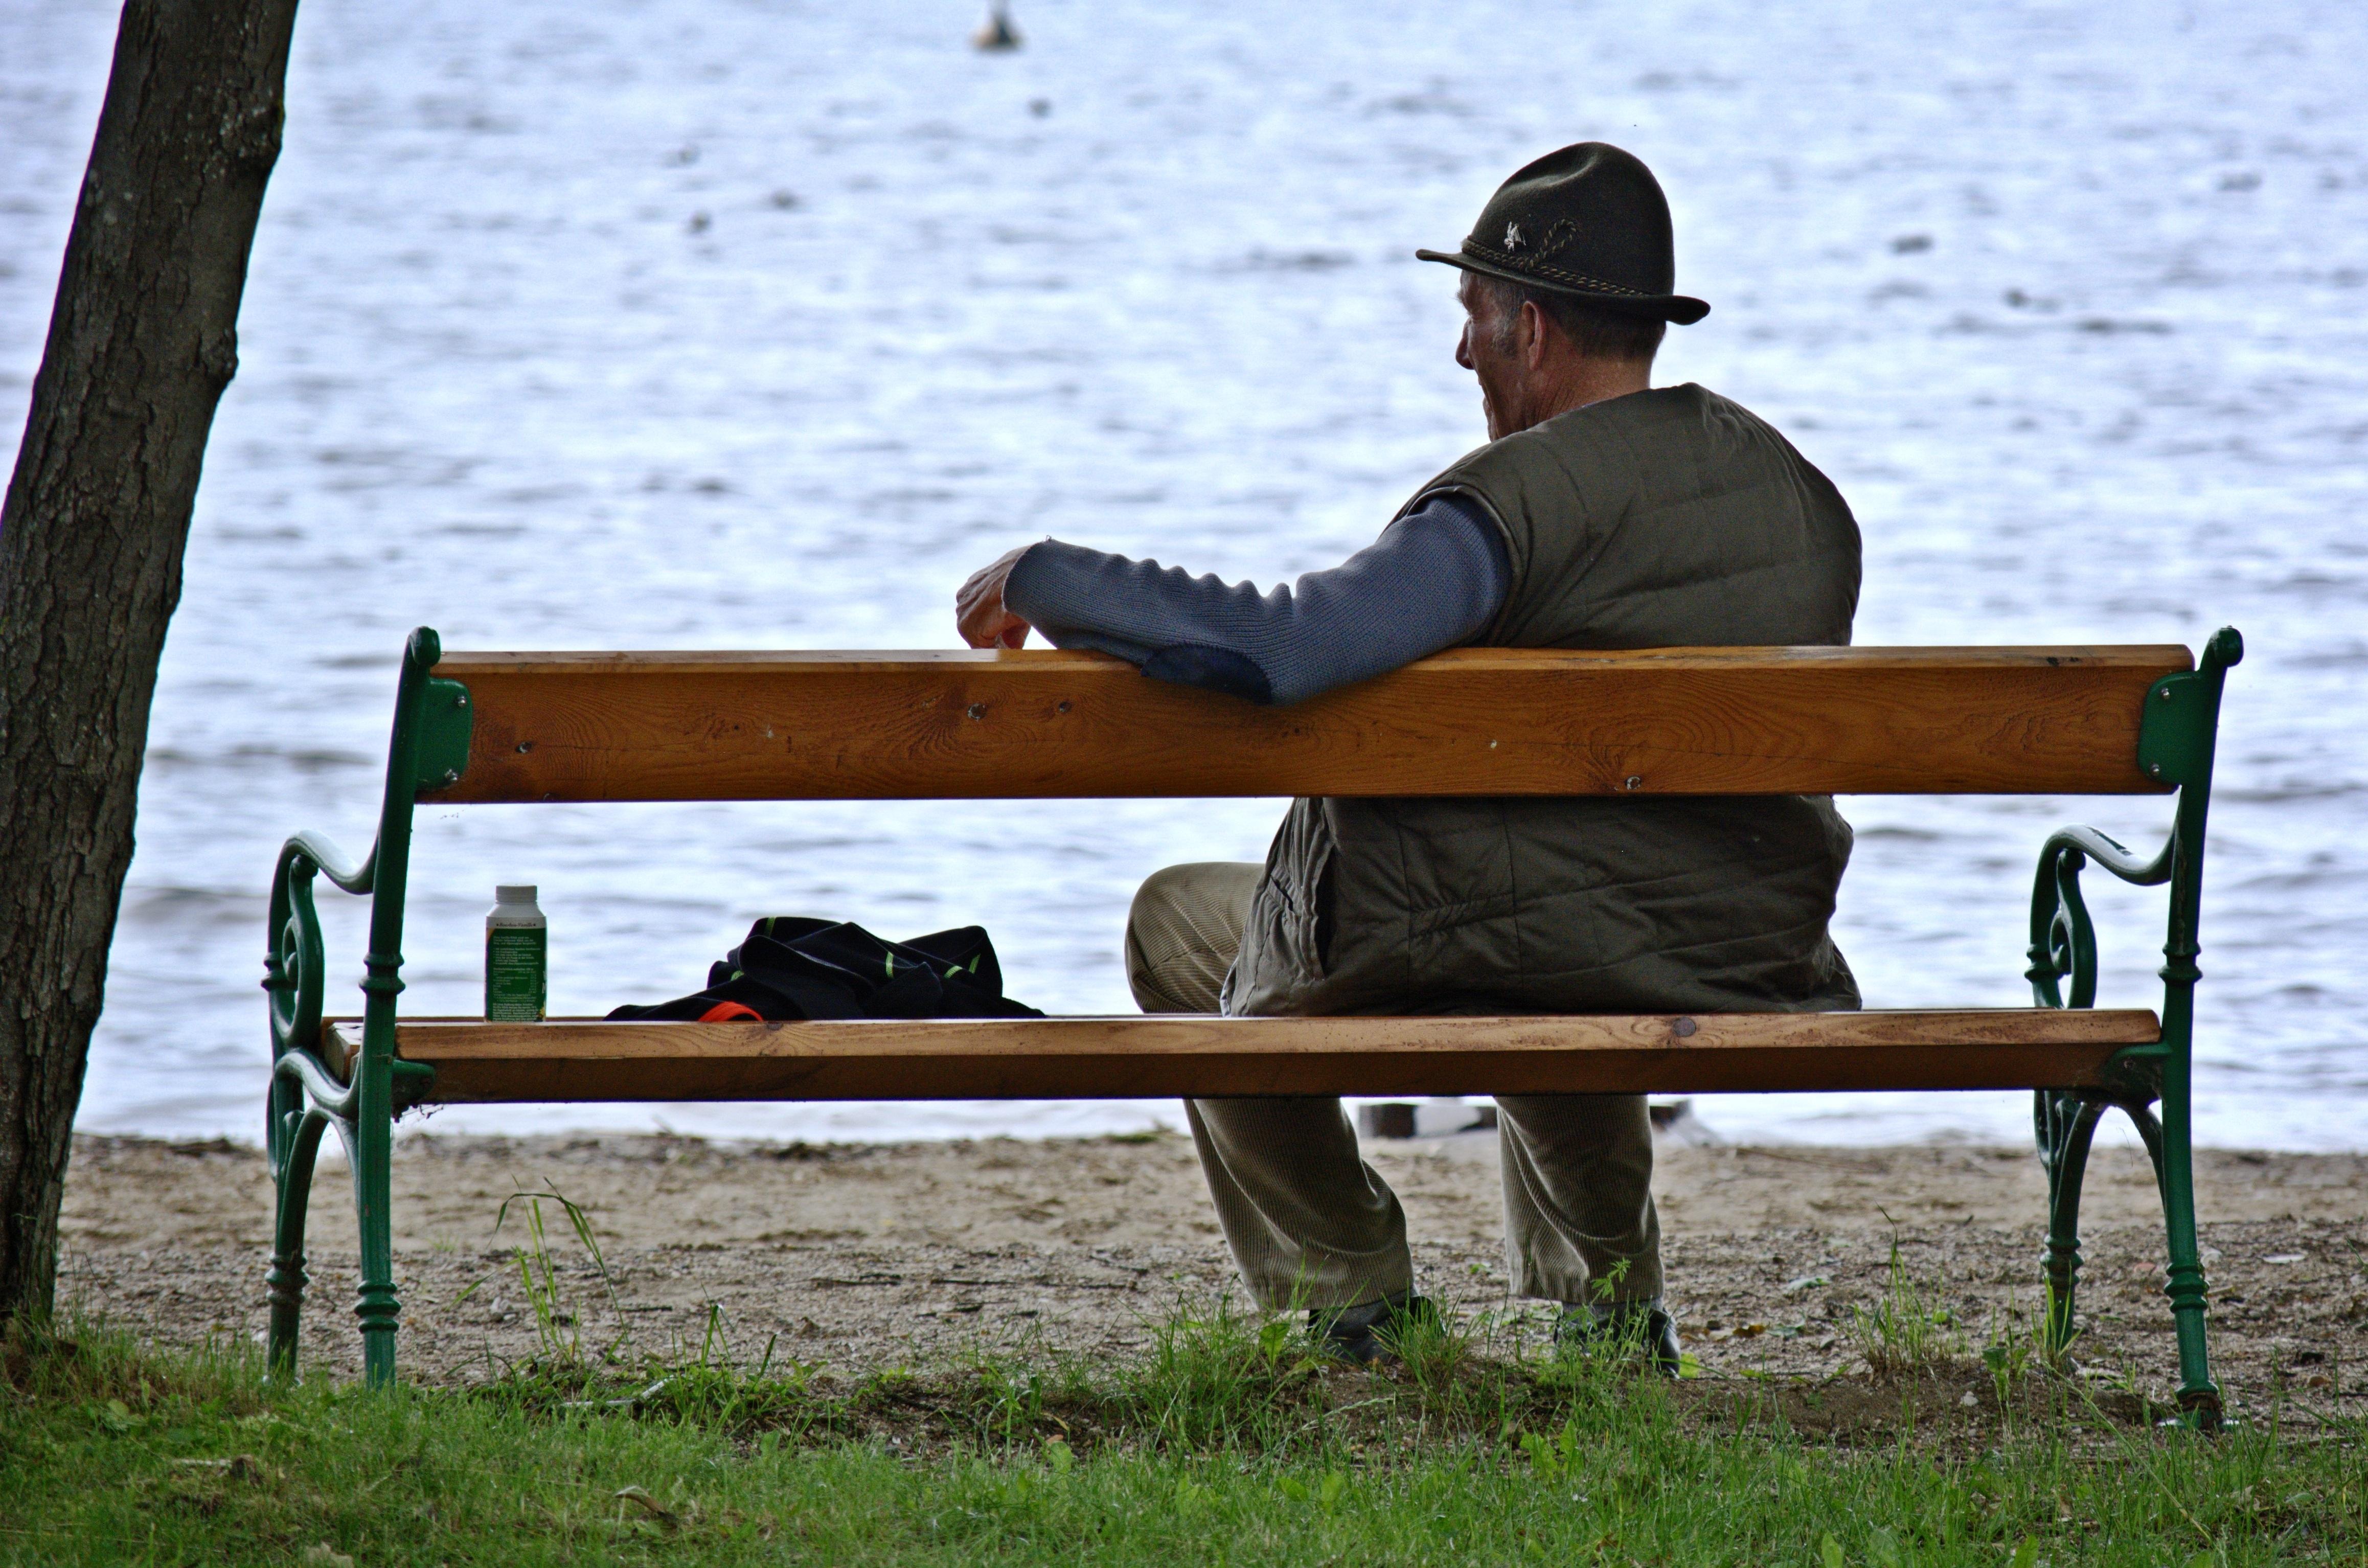 люди сидят на скамейке картинки некоторое